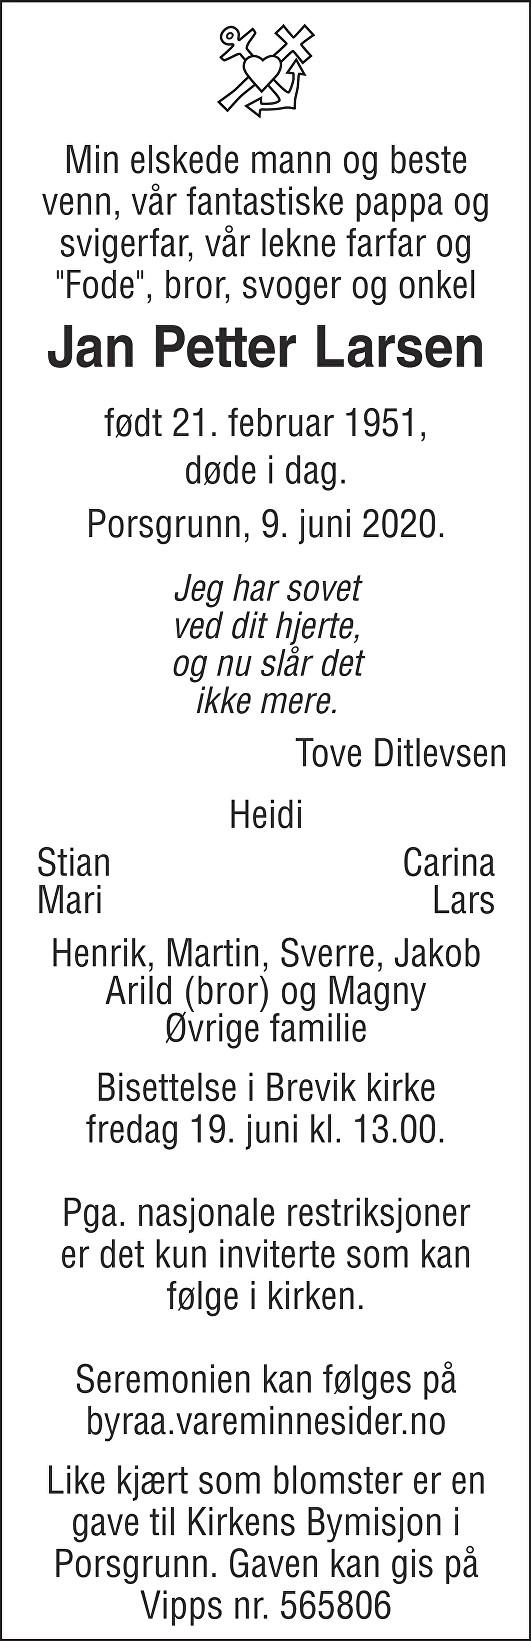 Jan Petter Larsen Dødsannonse